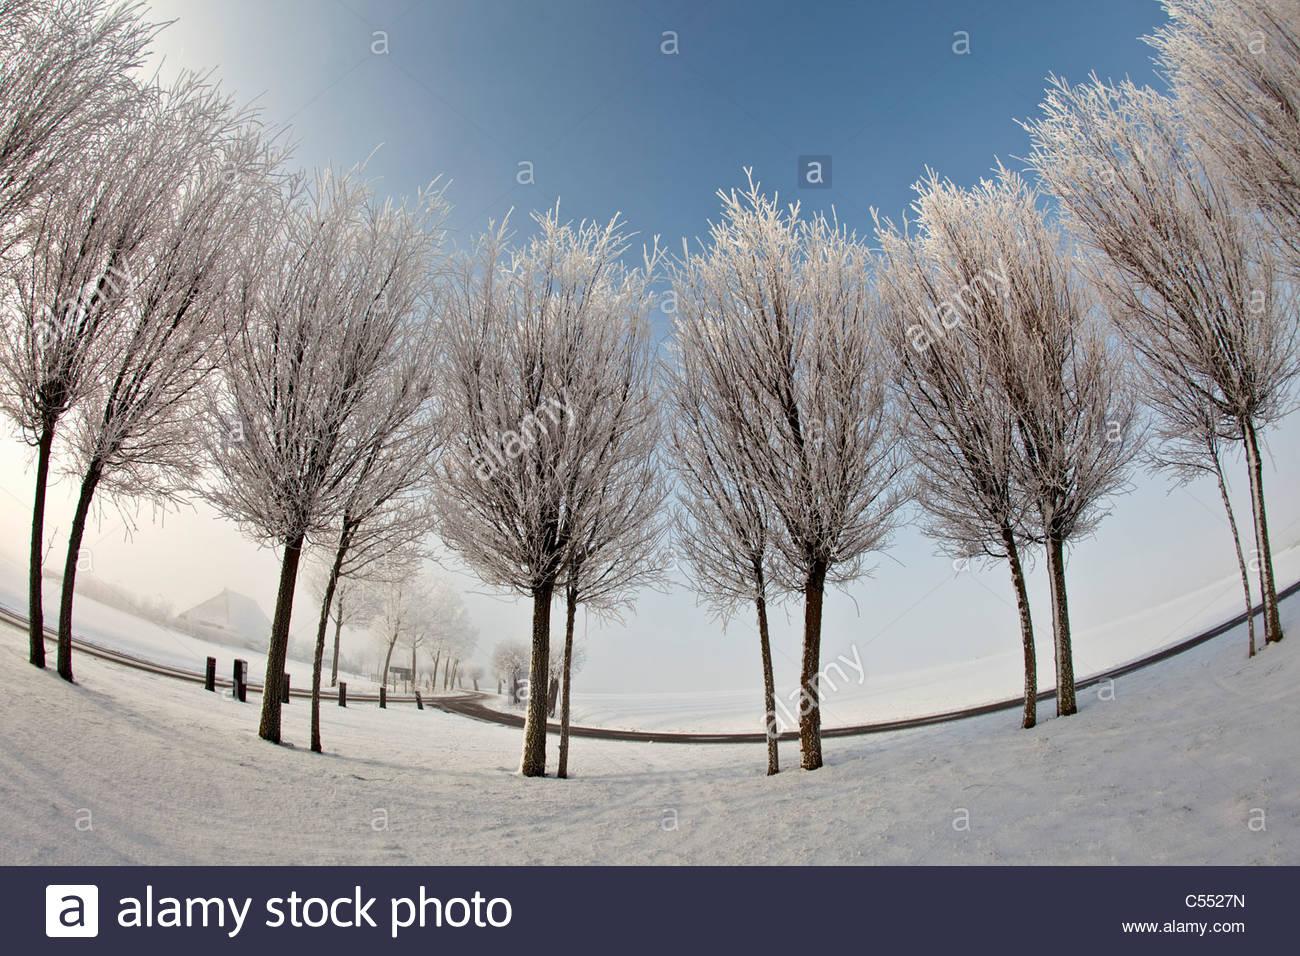 Die Niederlande Ferwoude, Landstraße und Bäume im Schnee und Frost. Fischaugen-Objektiv. Stockbild